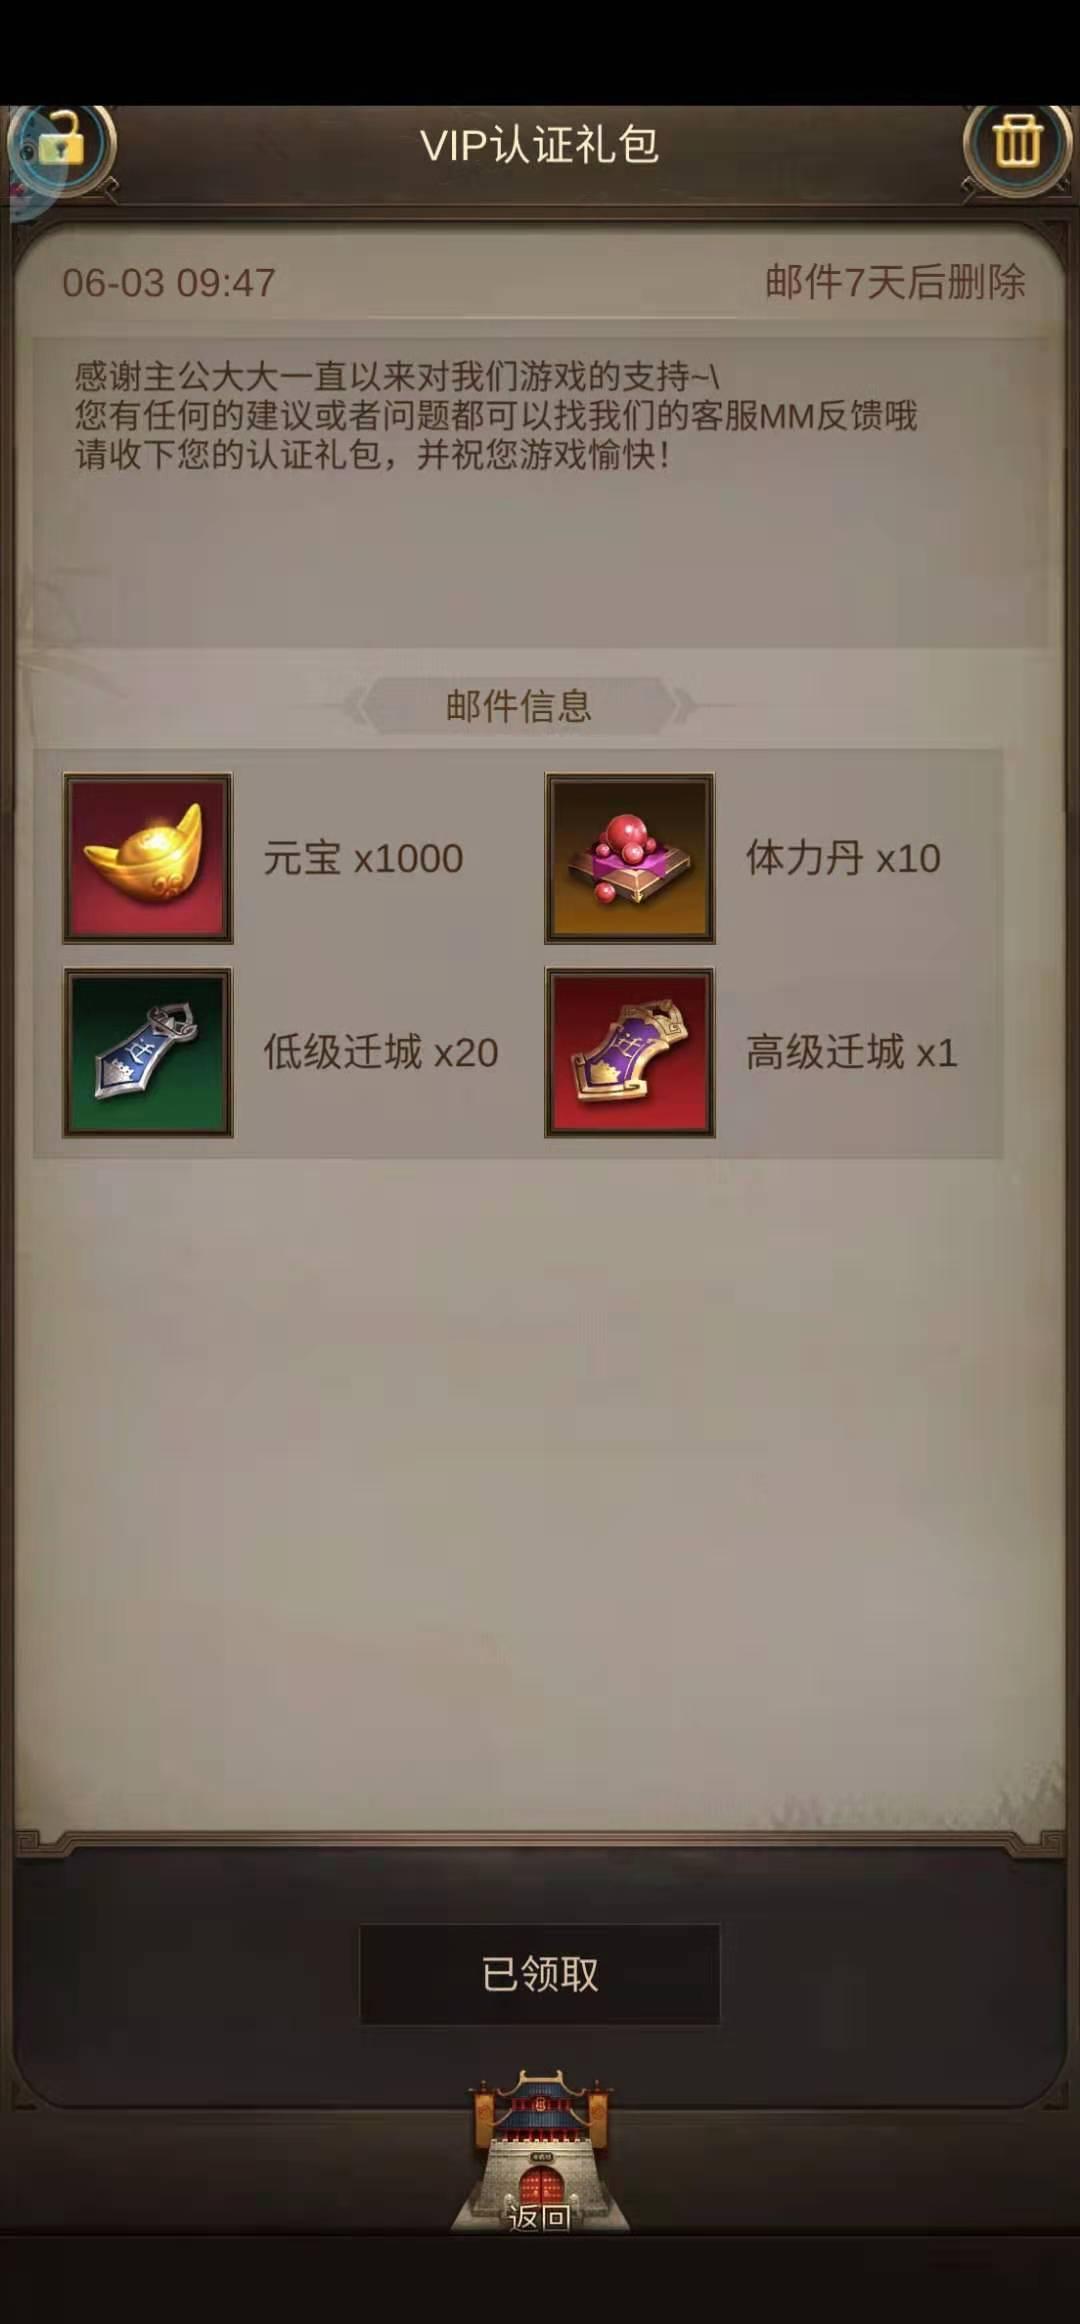 1290459790732fb0ec90862022b8b2c.jpg